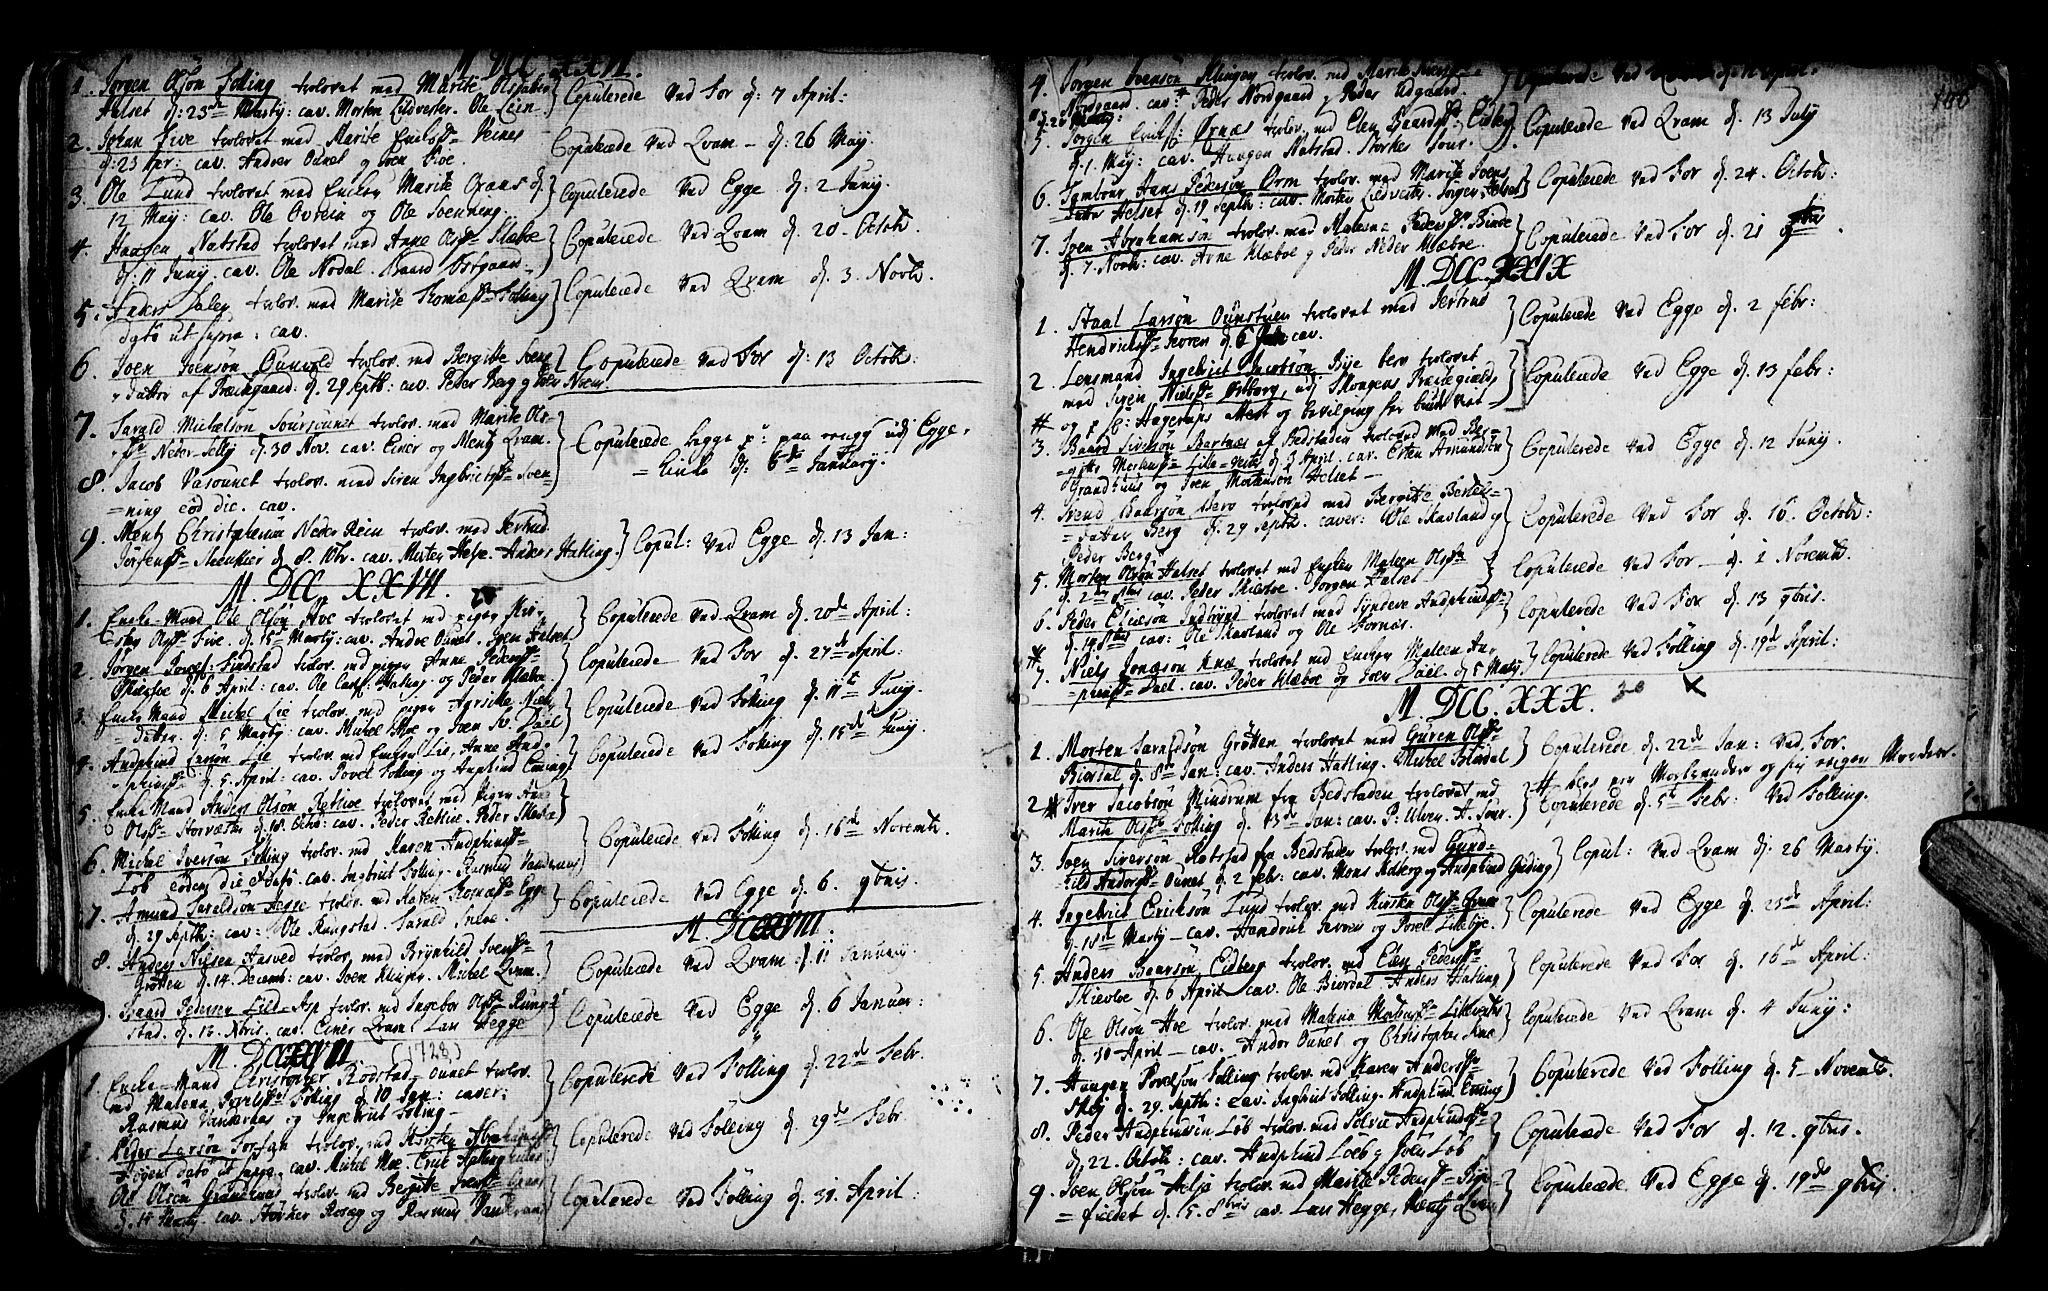 SAT, Ministerialprotokoller, klokkerbøker og fødselsregistre - Nord-Trøndelag, 746/L0439: Ministerialbok nr. 746A01, 1688-1759, s. 100